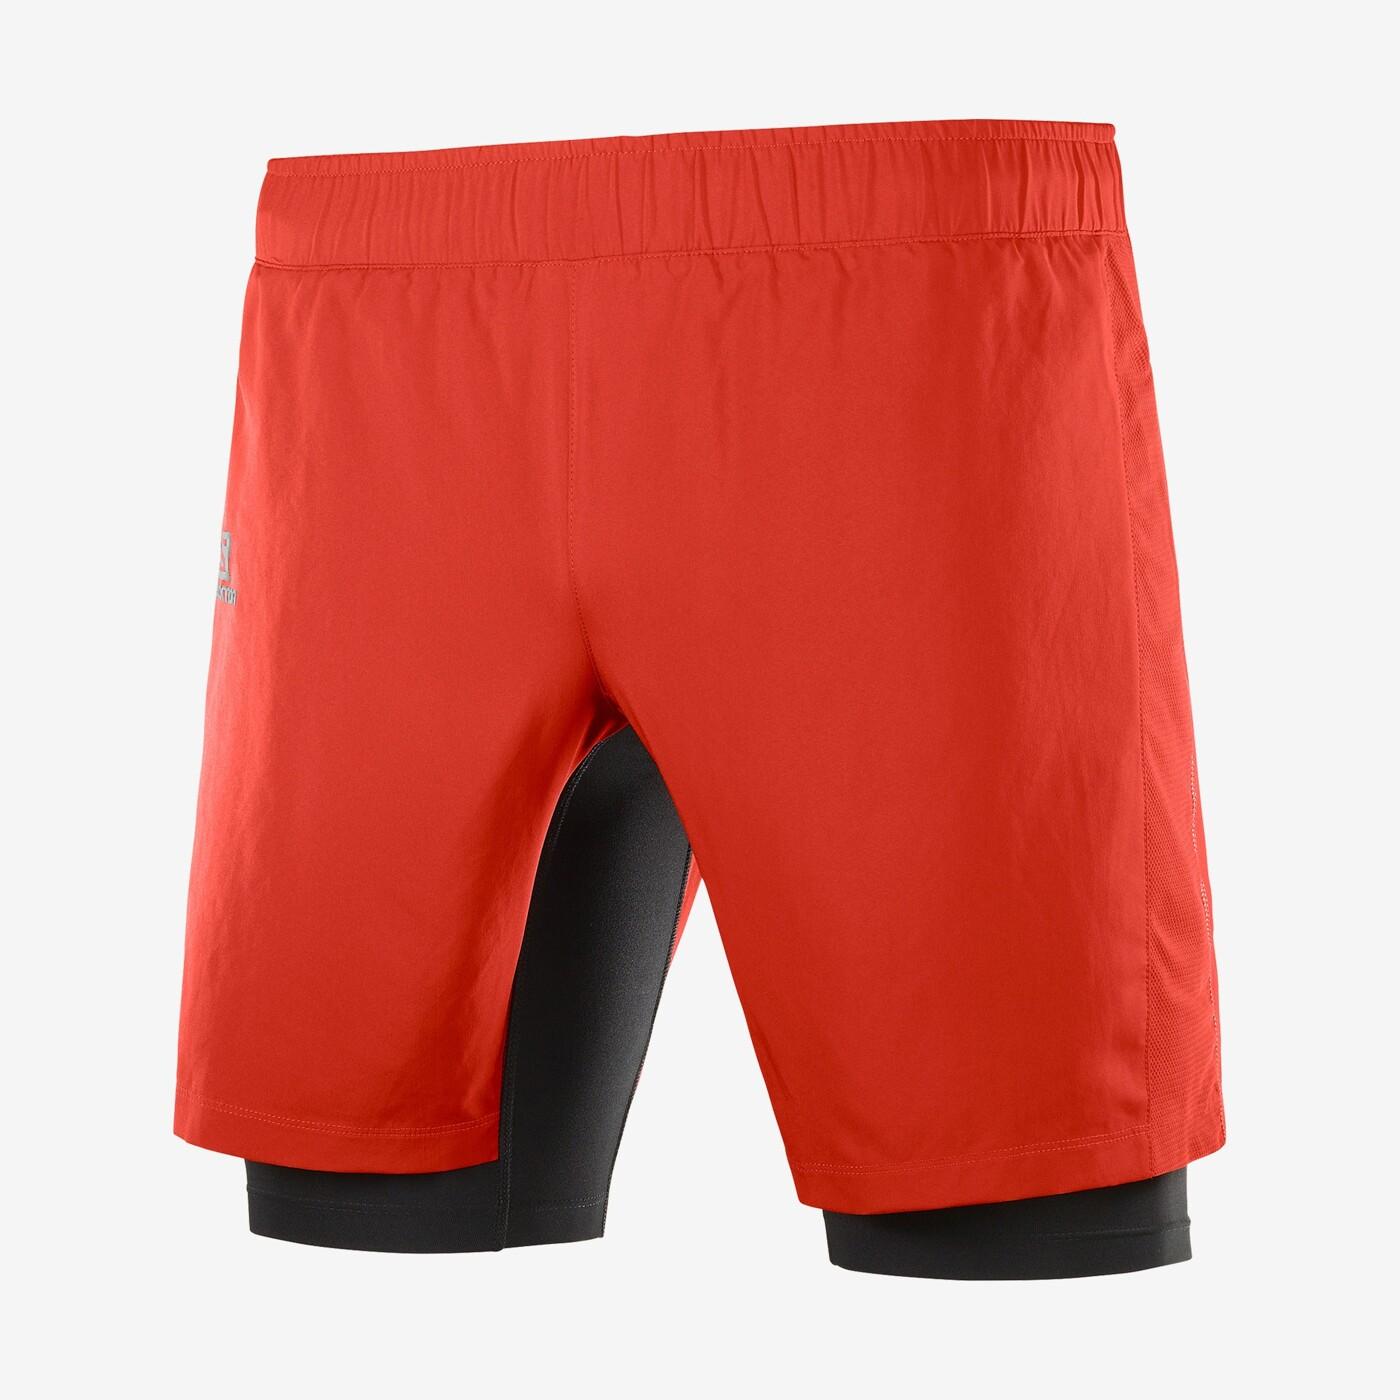 SALOMON XA TWINSKIN - Shorts - Herren